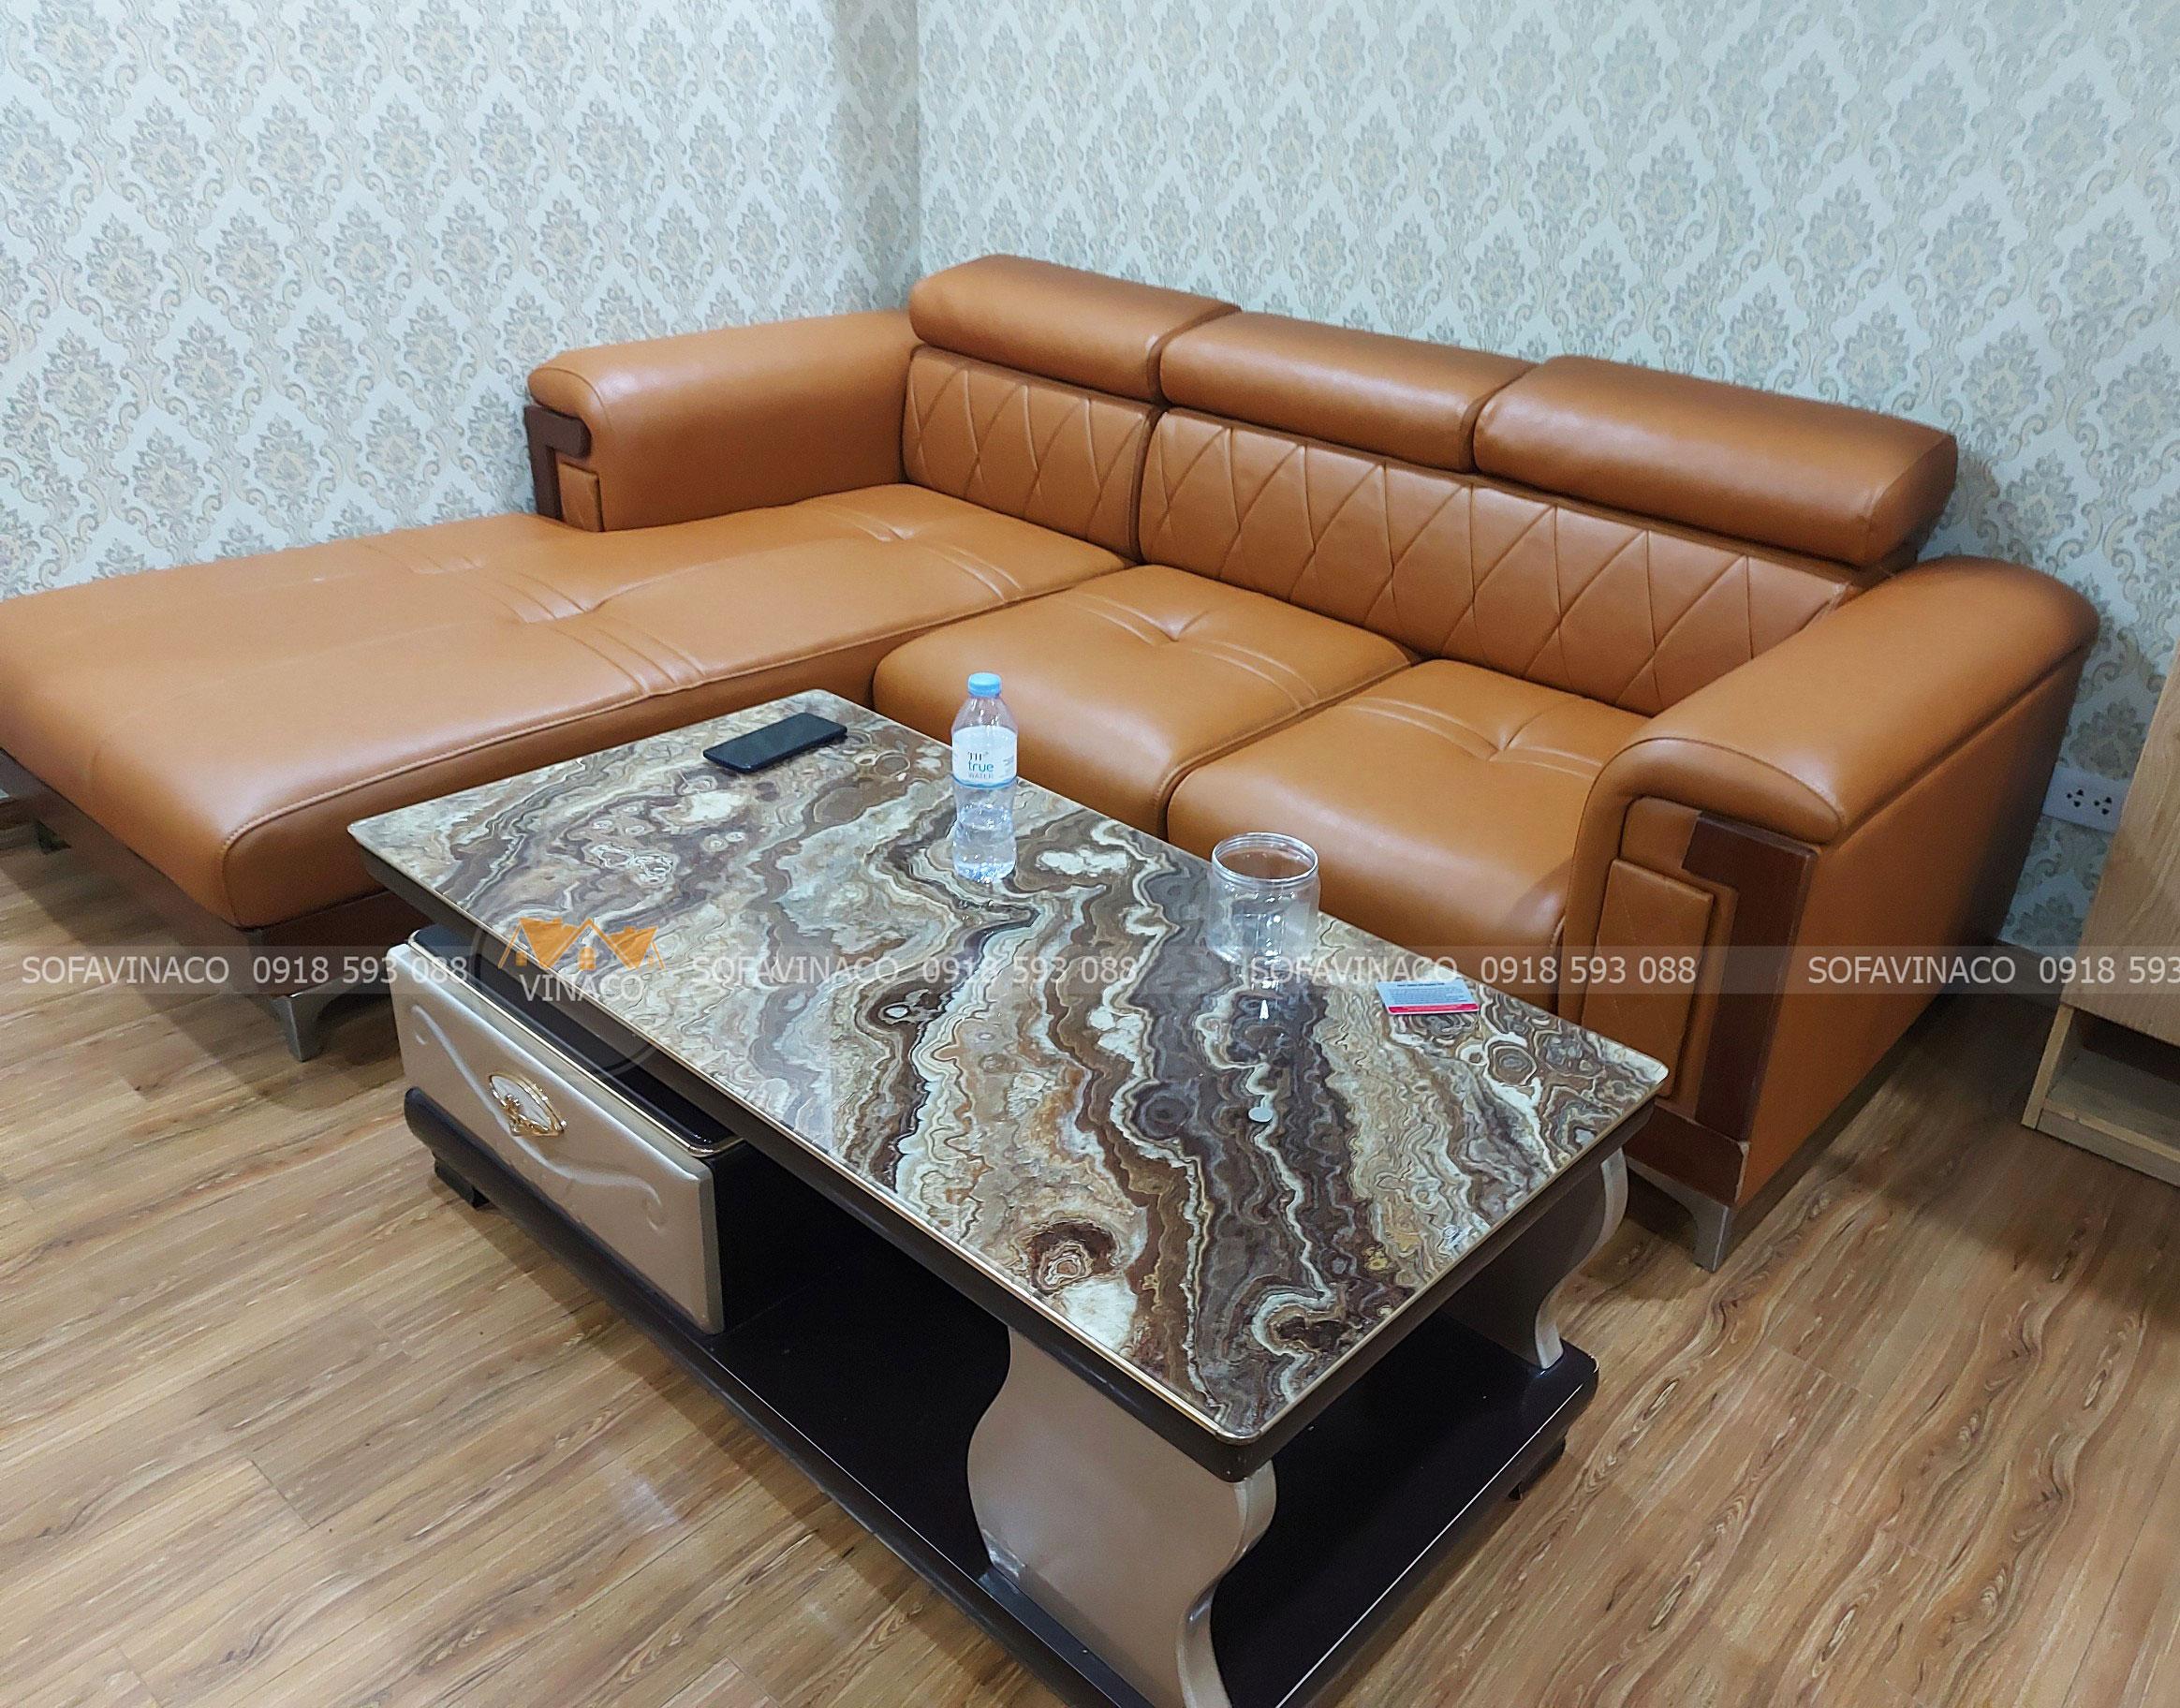 Bọc lại ghế sofa chất lượng cho gia đình anh Hữu ở Vĩnh Tuy, Hai Bà Trưng, Hà Nội